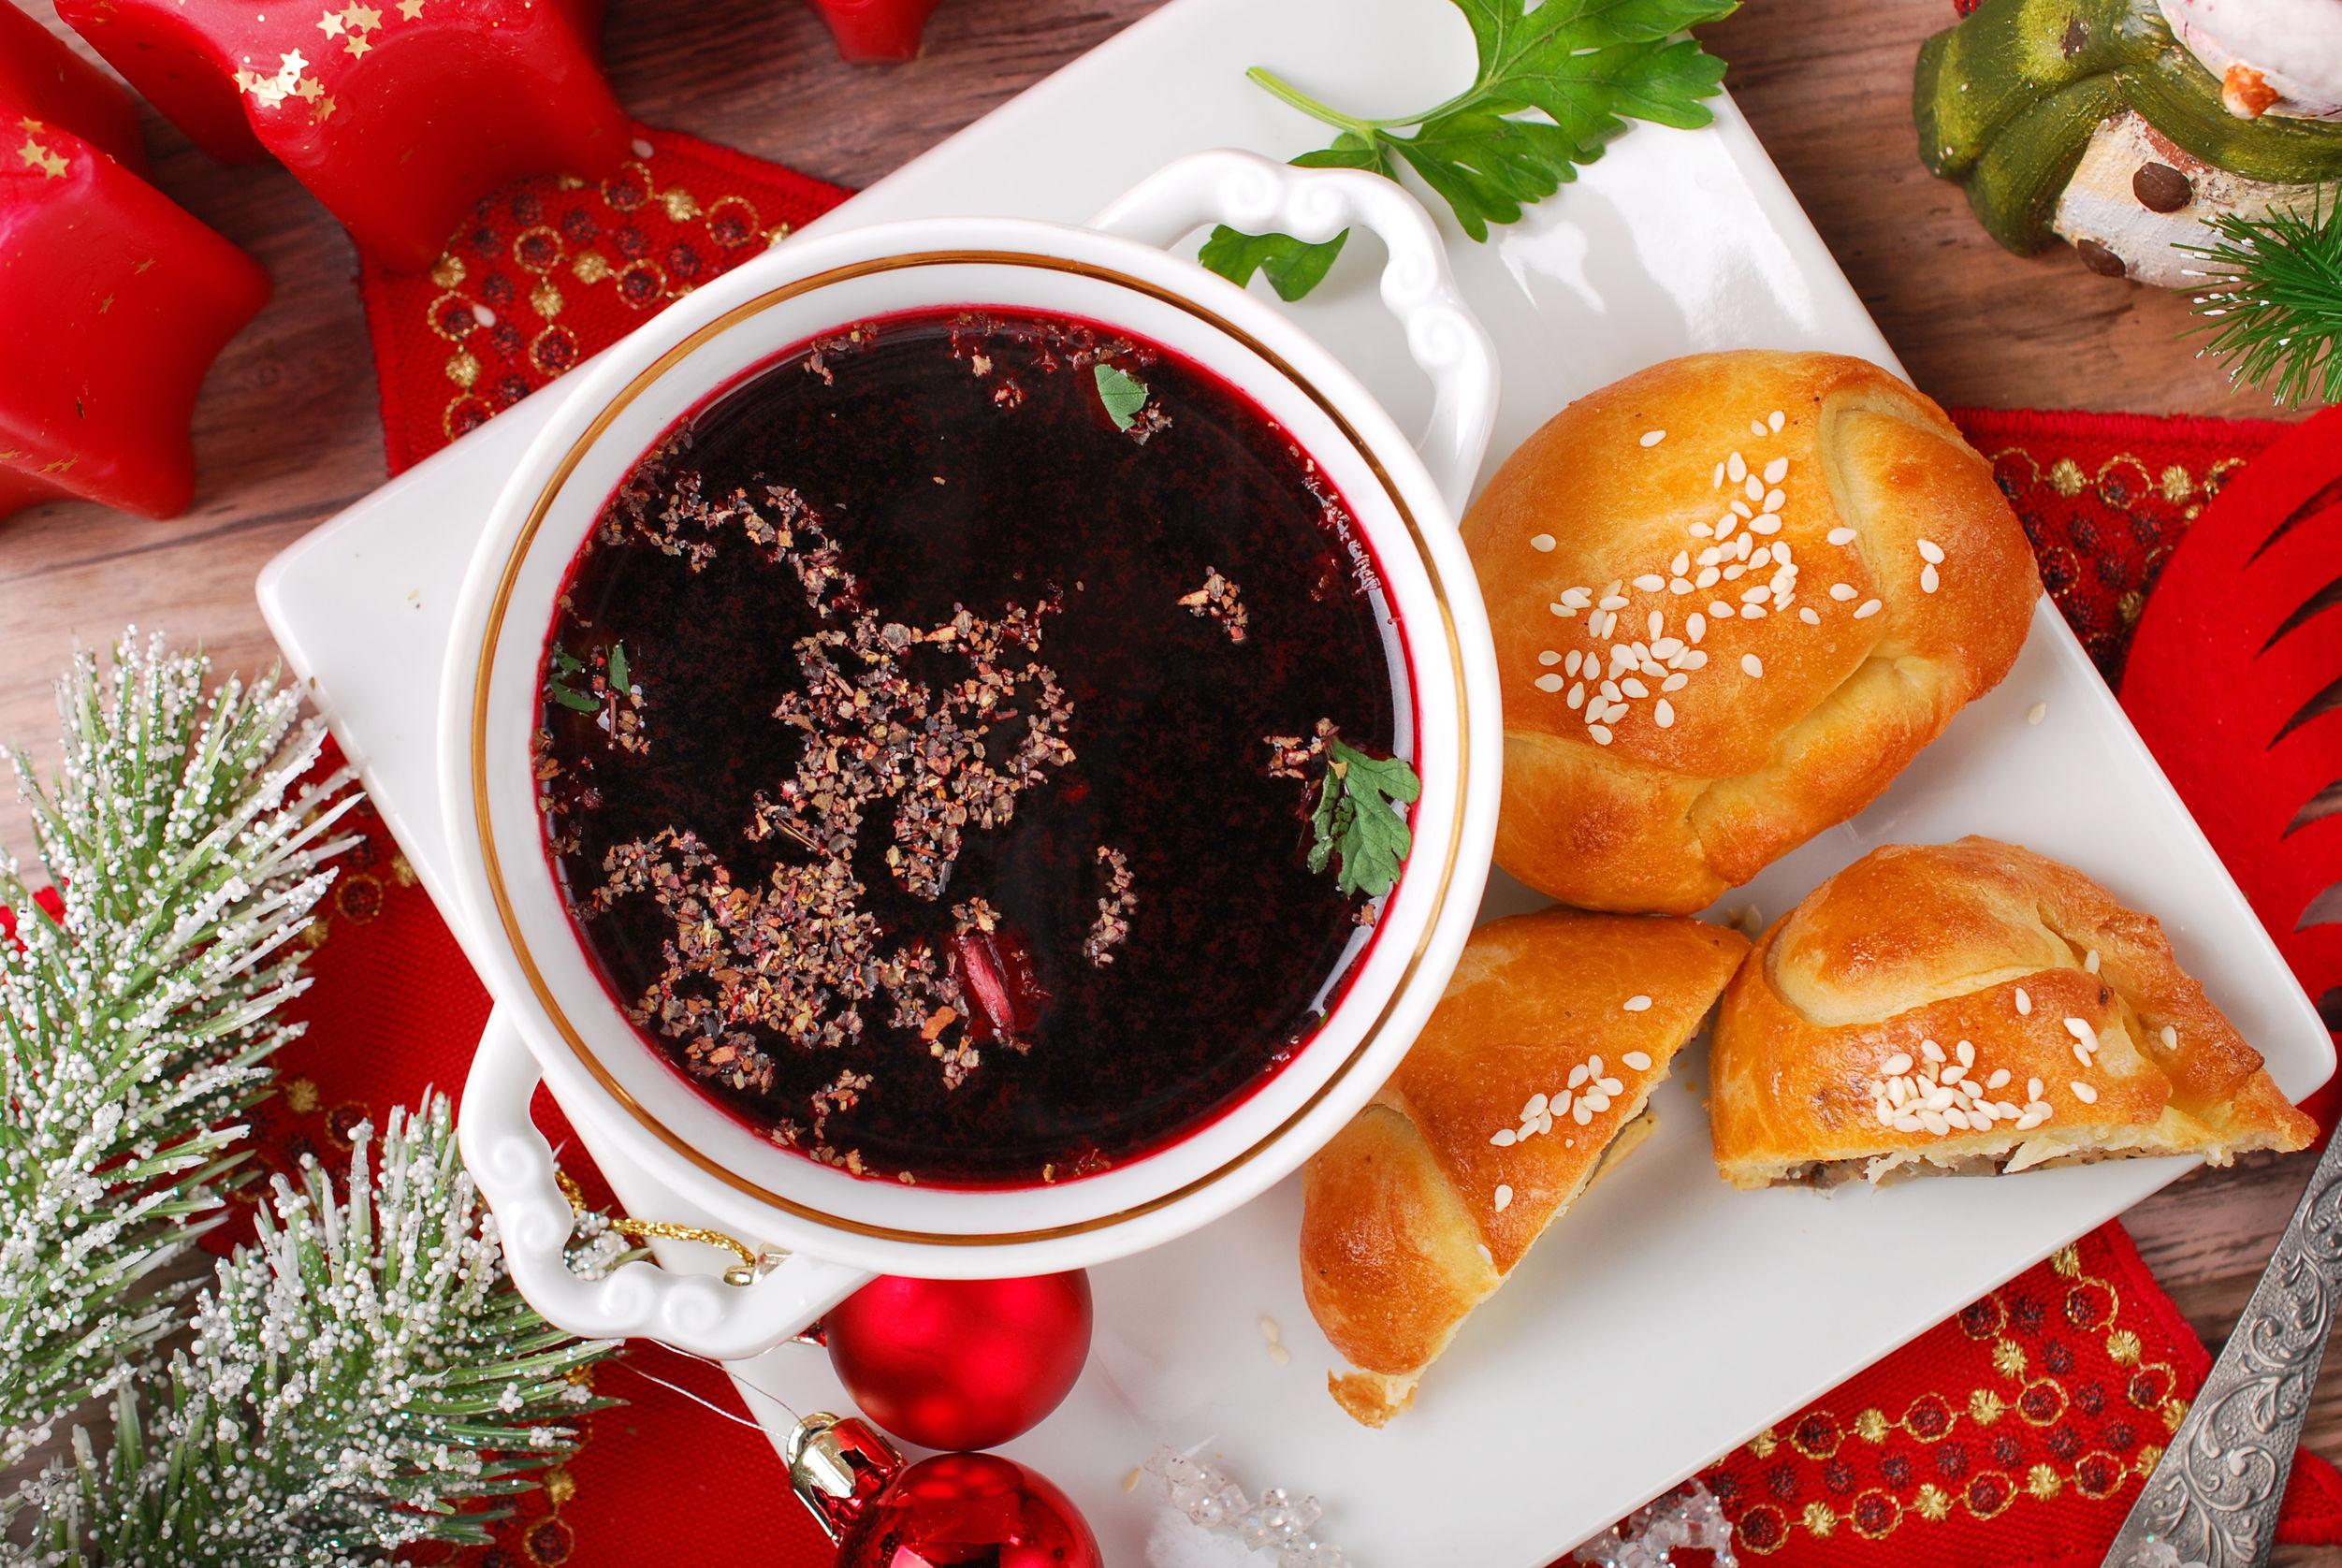 Sprawdzone przepisy na świąteczne zupy. Kliknij!